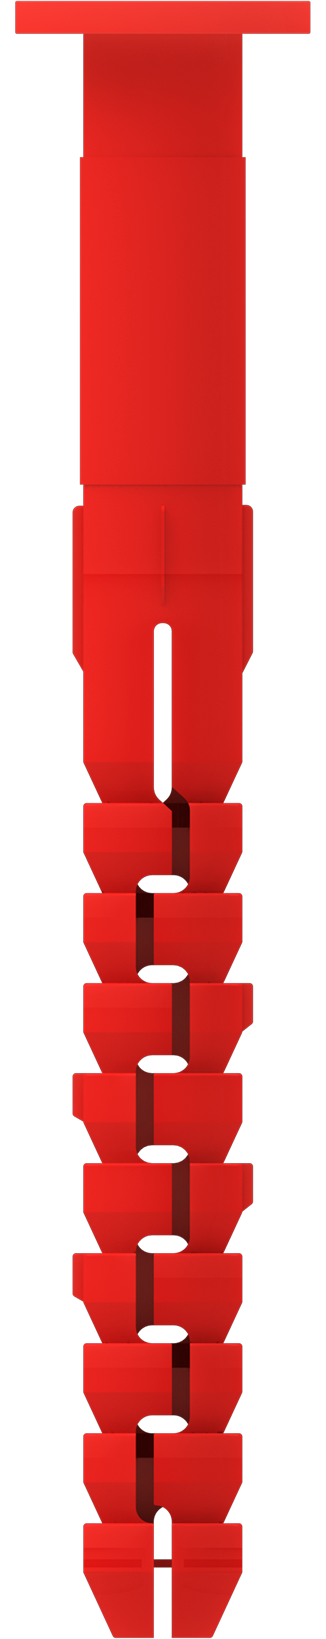 Cтена V2 GEO. Высокопрочный фасадный анкер для крепления кронштейнов навесных фасадных систем c антикоррозионным покрытием распорного элемента GEOMET